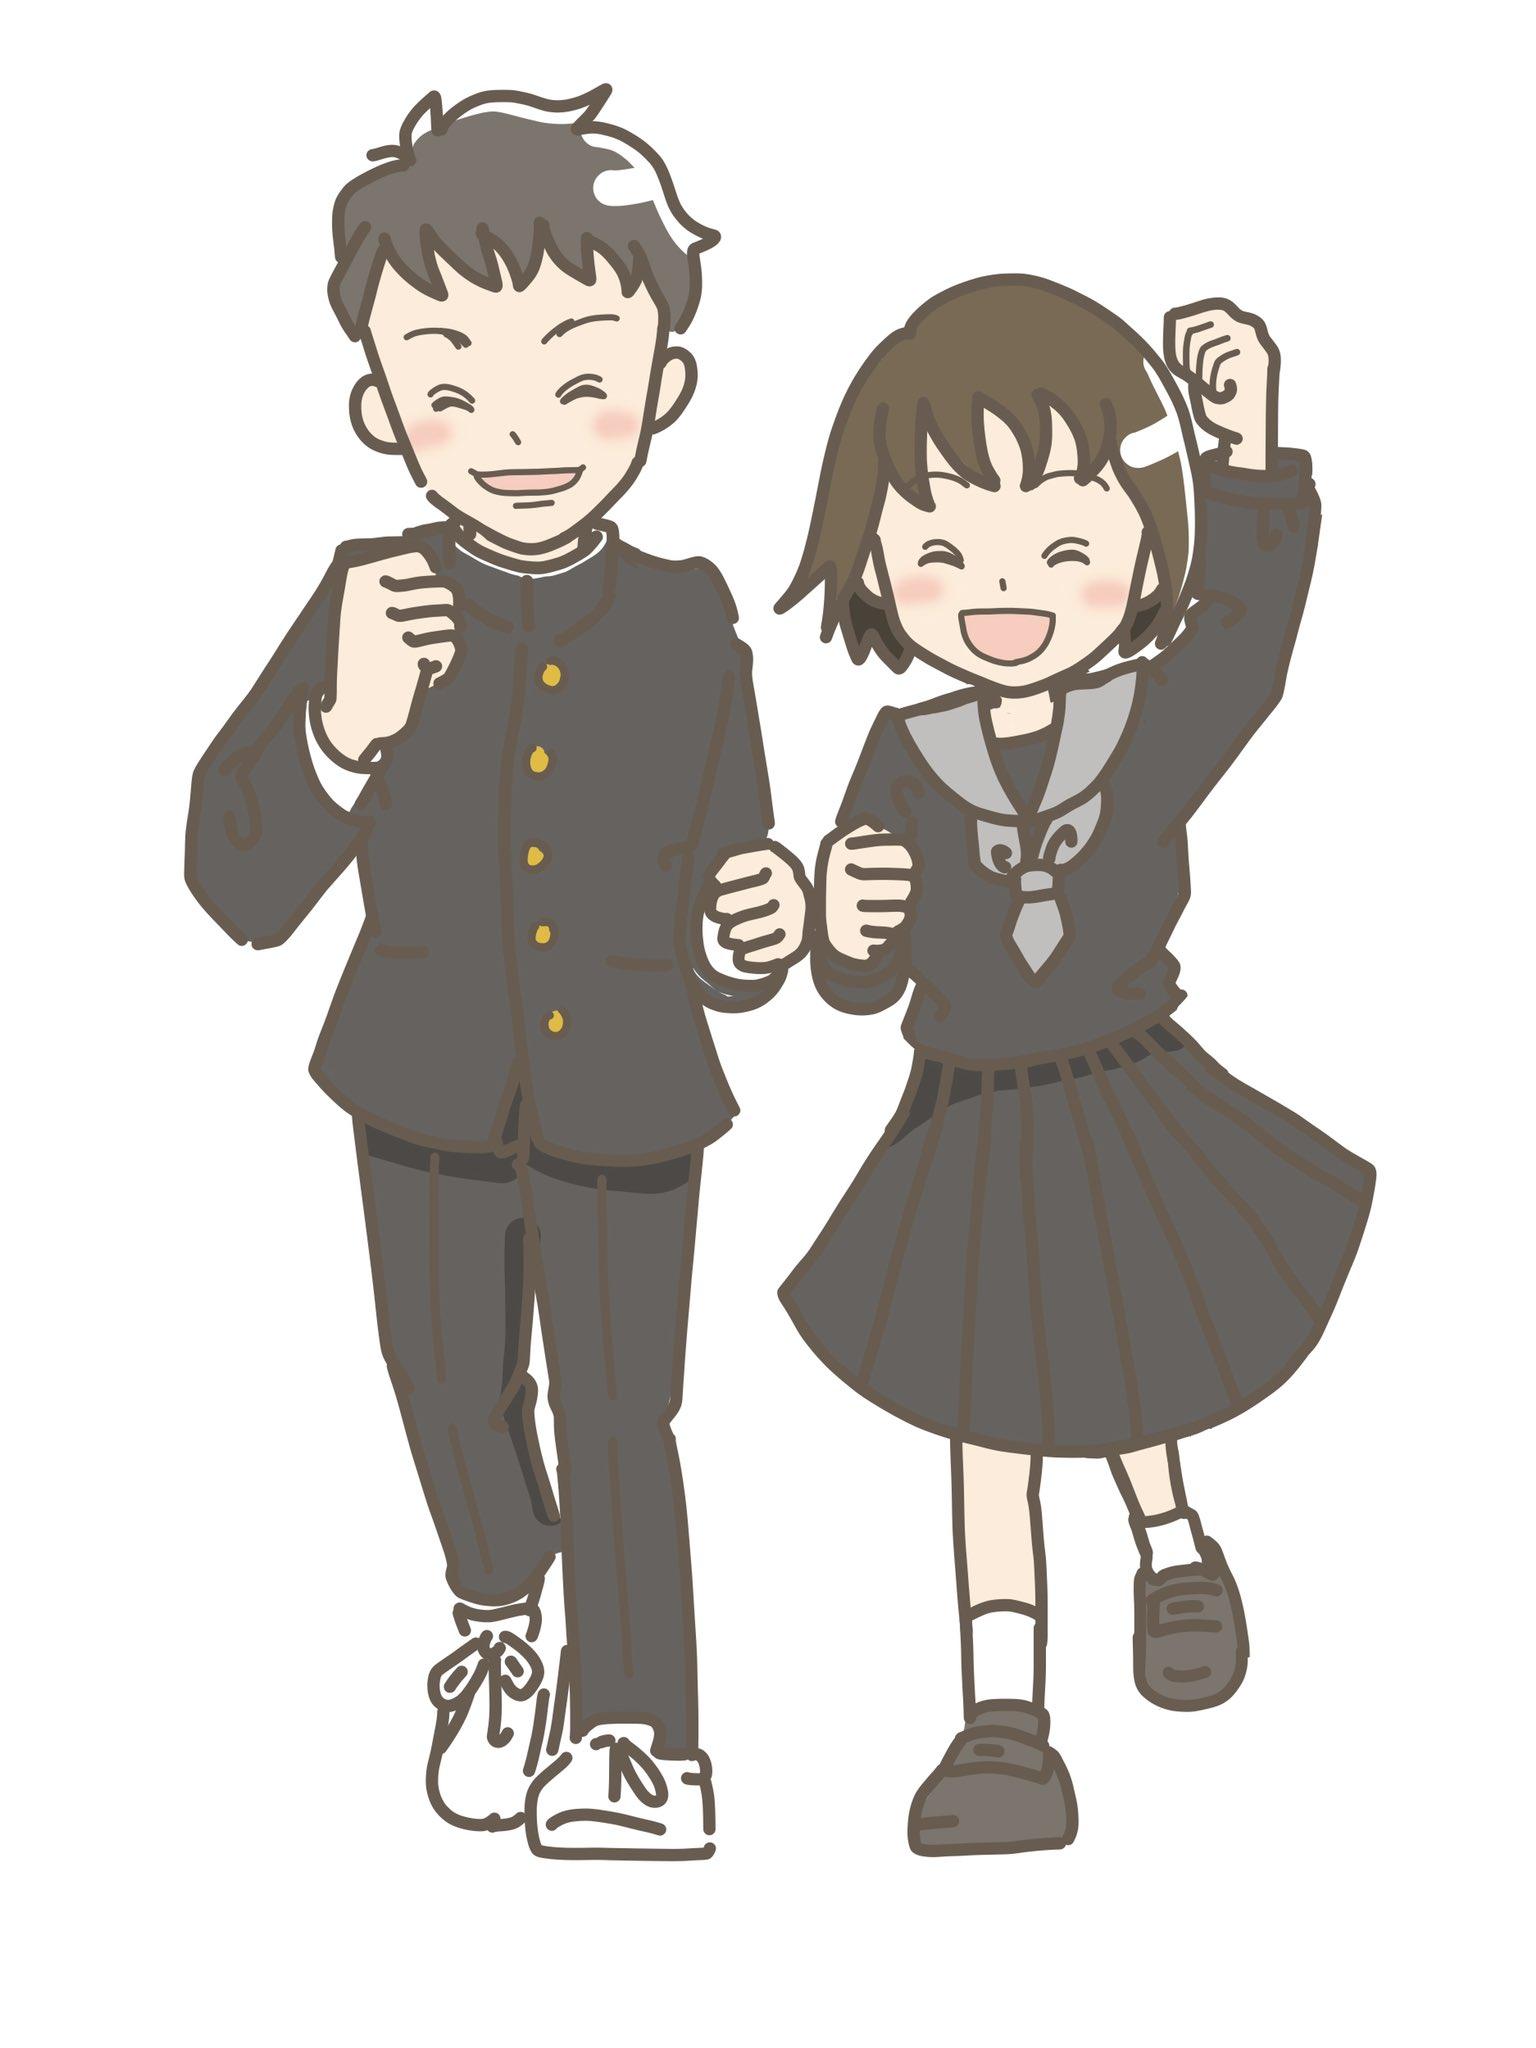 茨城県立高校入試日程が発表になりました❗page-visual 茨城県立高校入試日程が発表になりました❗ビジュアル